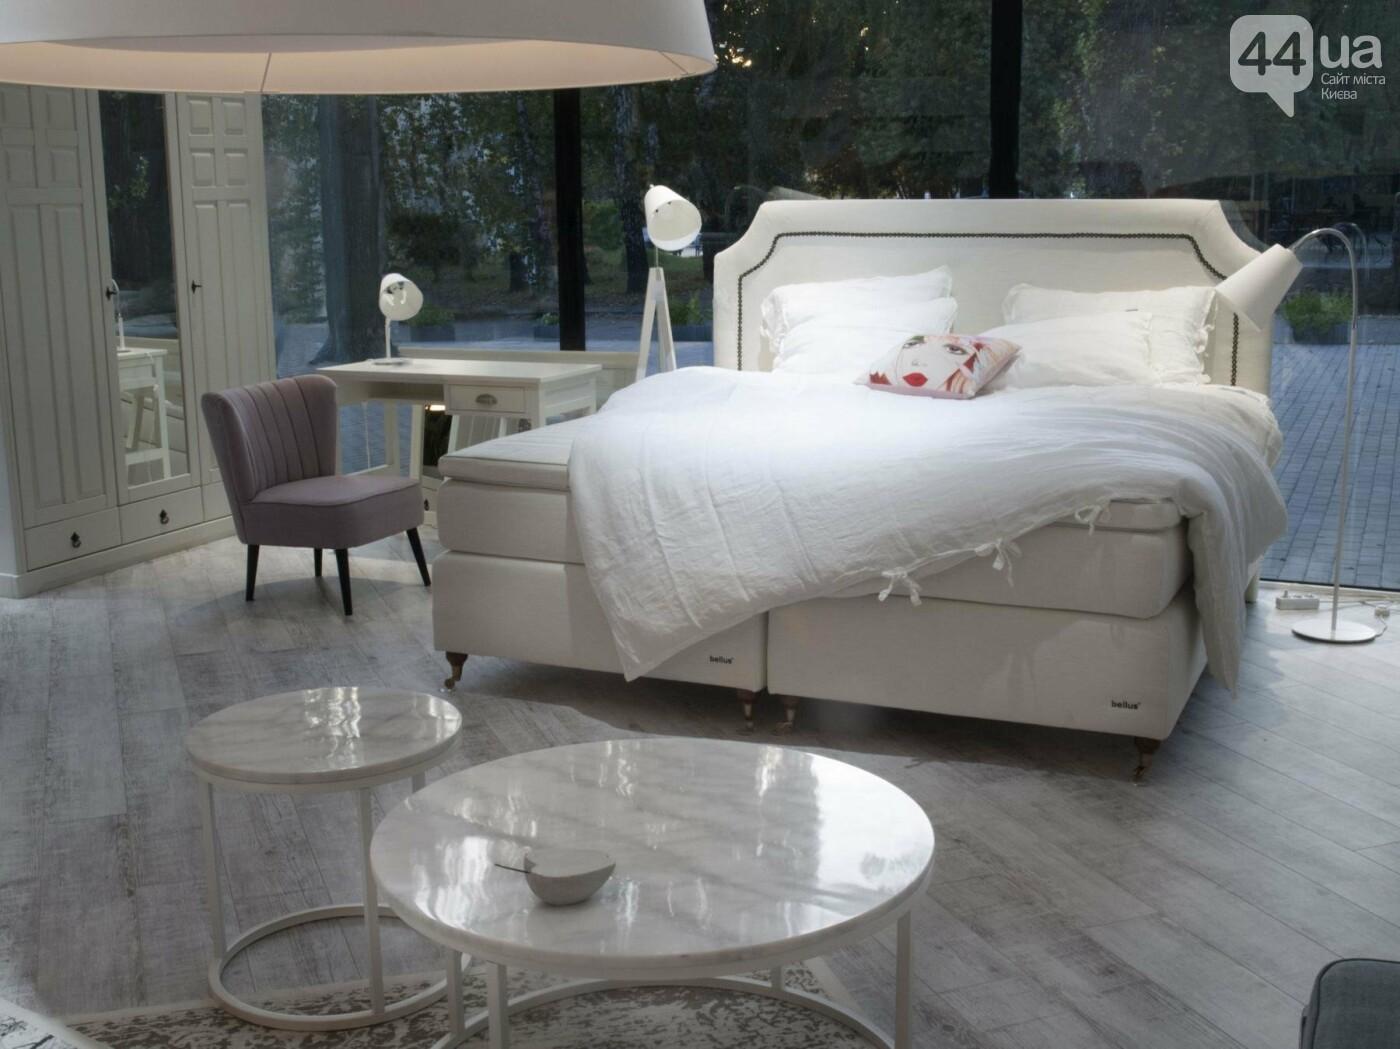 Обзор мебельных компаний Киева: какую мебель выбрать?, фото-40